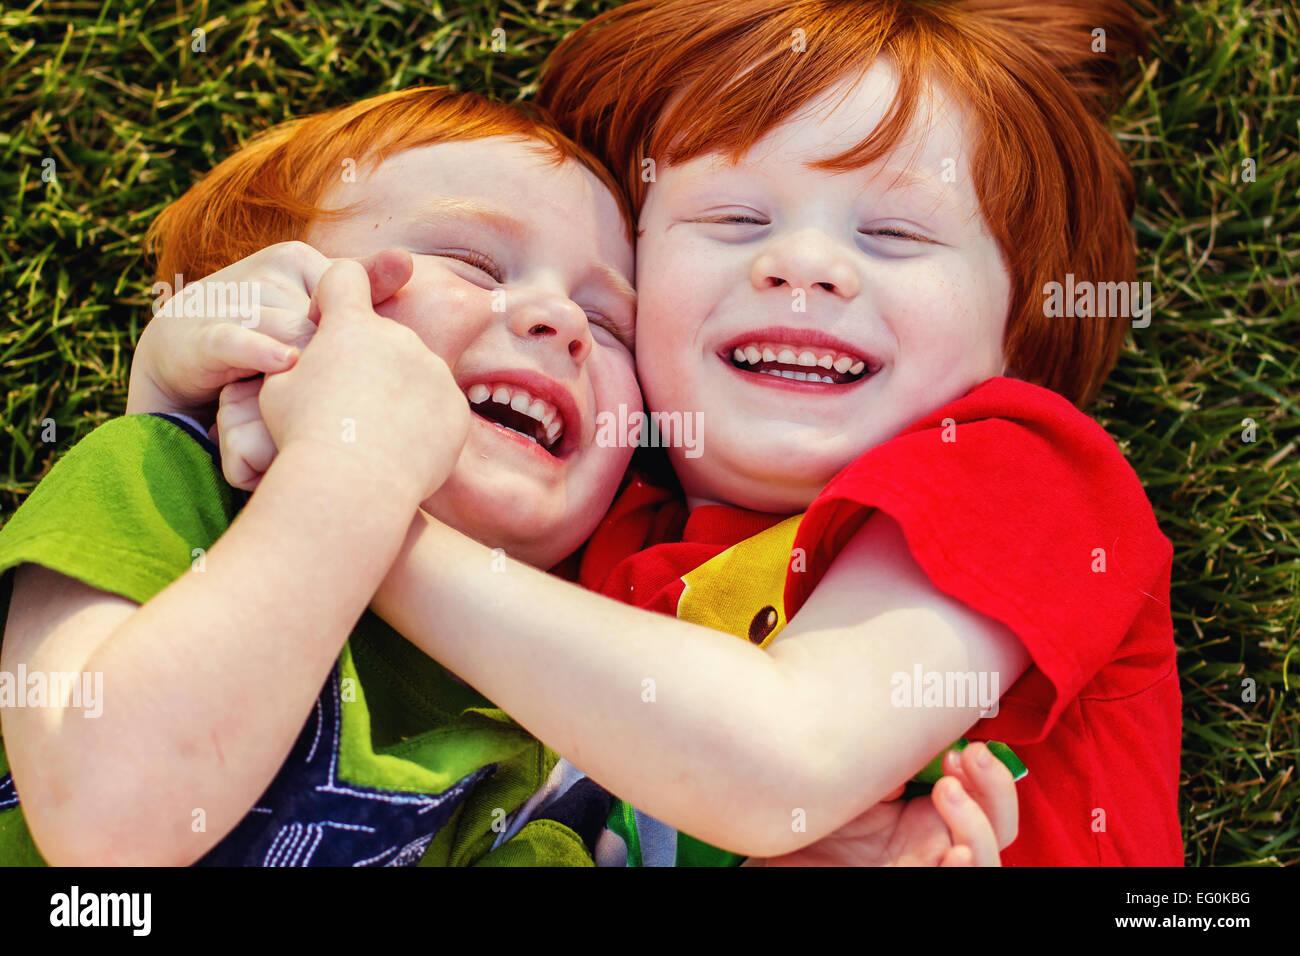 Deux heureux garçons couchés sur l'herbe en riant Photo Stock